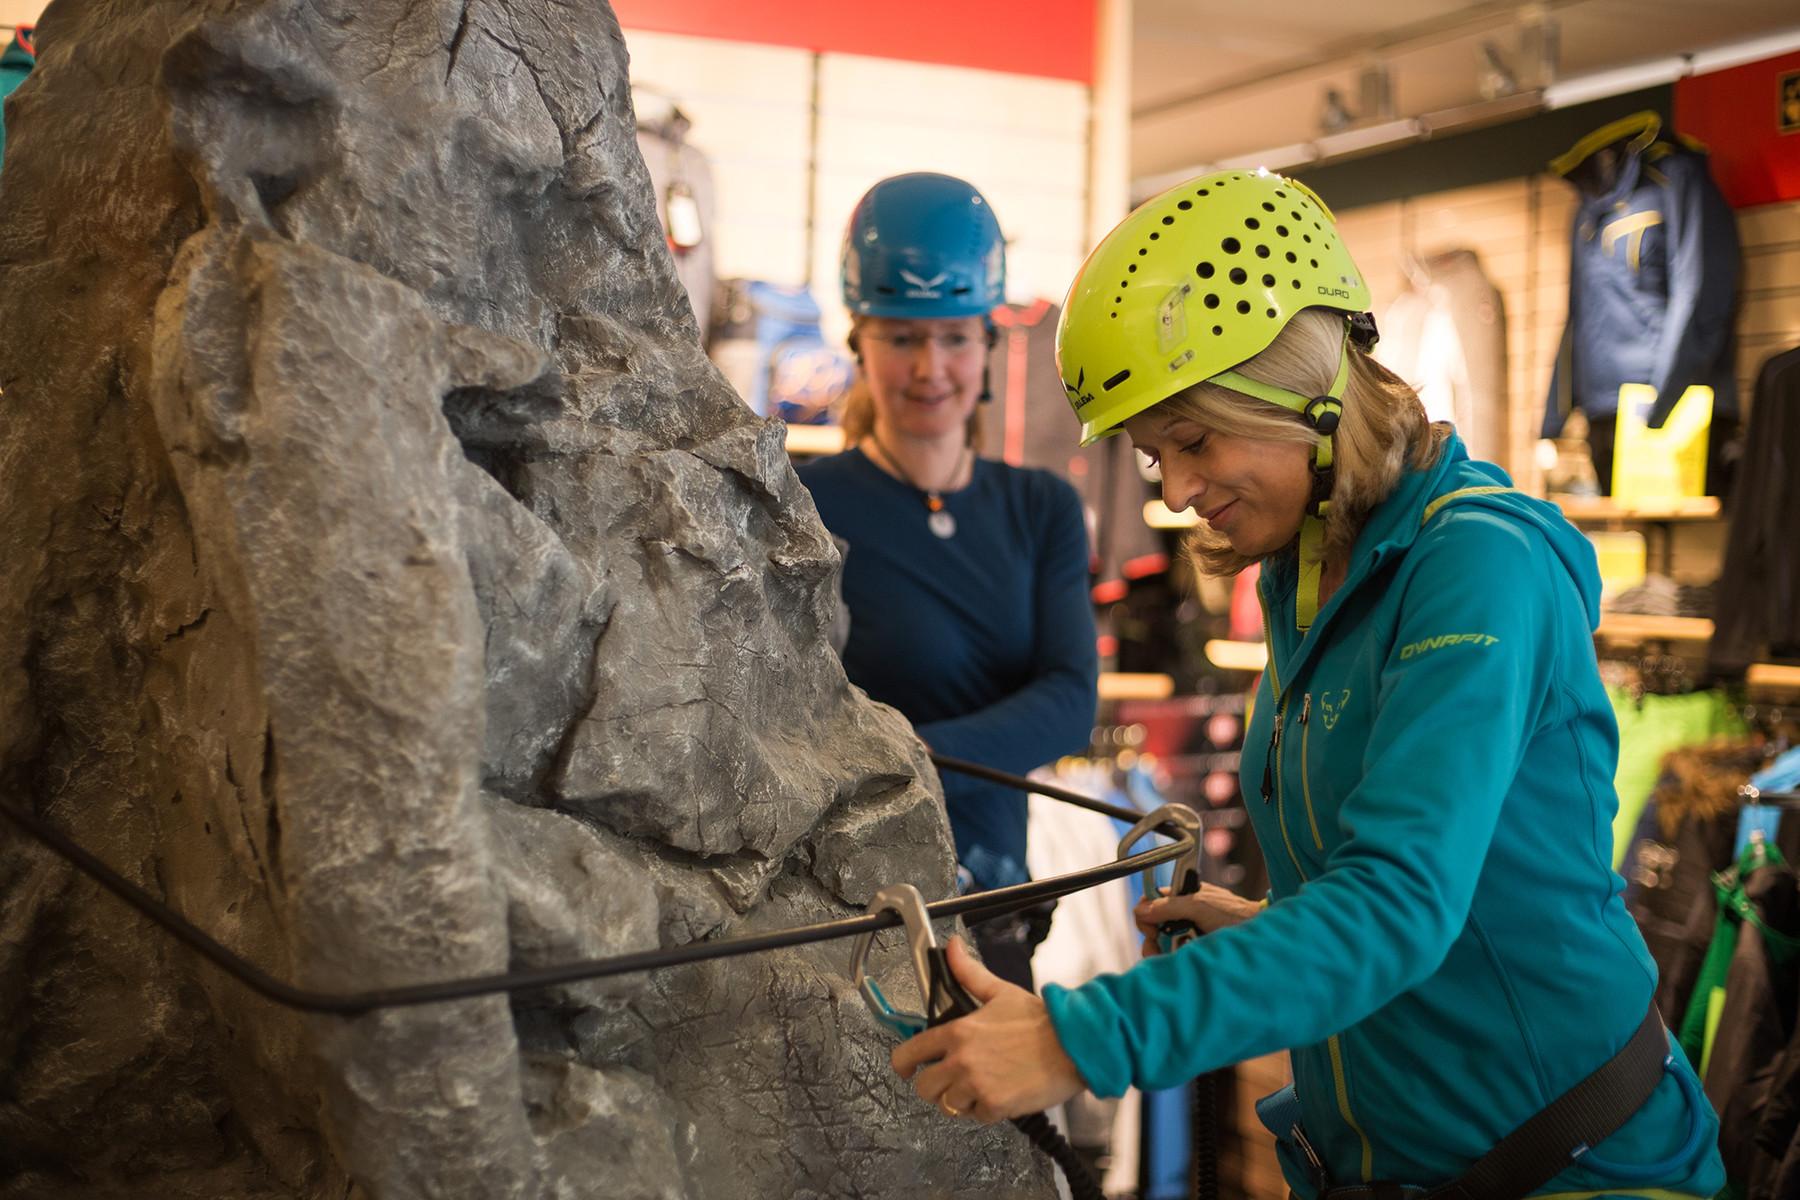 Kletterausrüstung Erklärung : Bergsport und kletterausrüstung kaufen in berchtesgaden